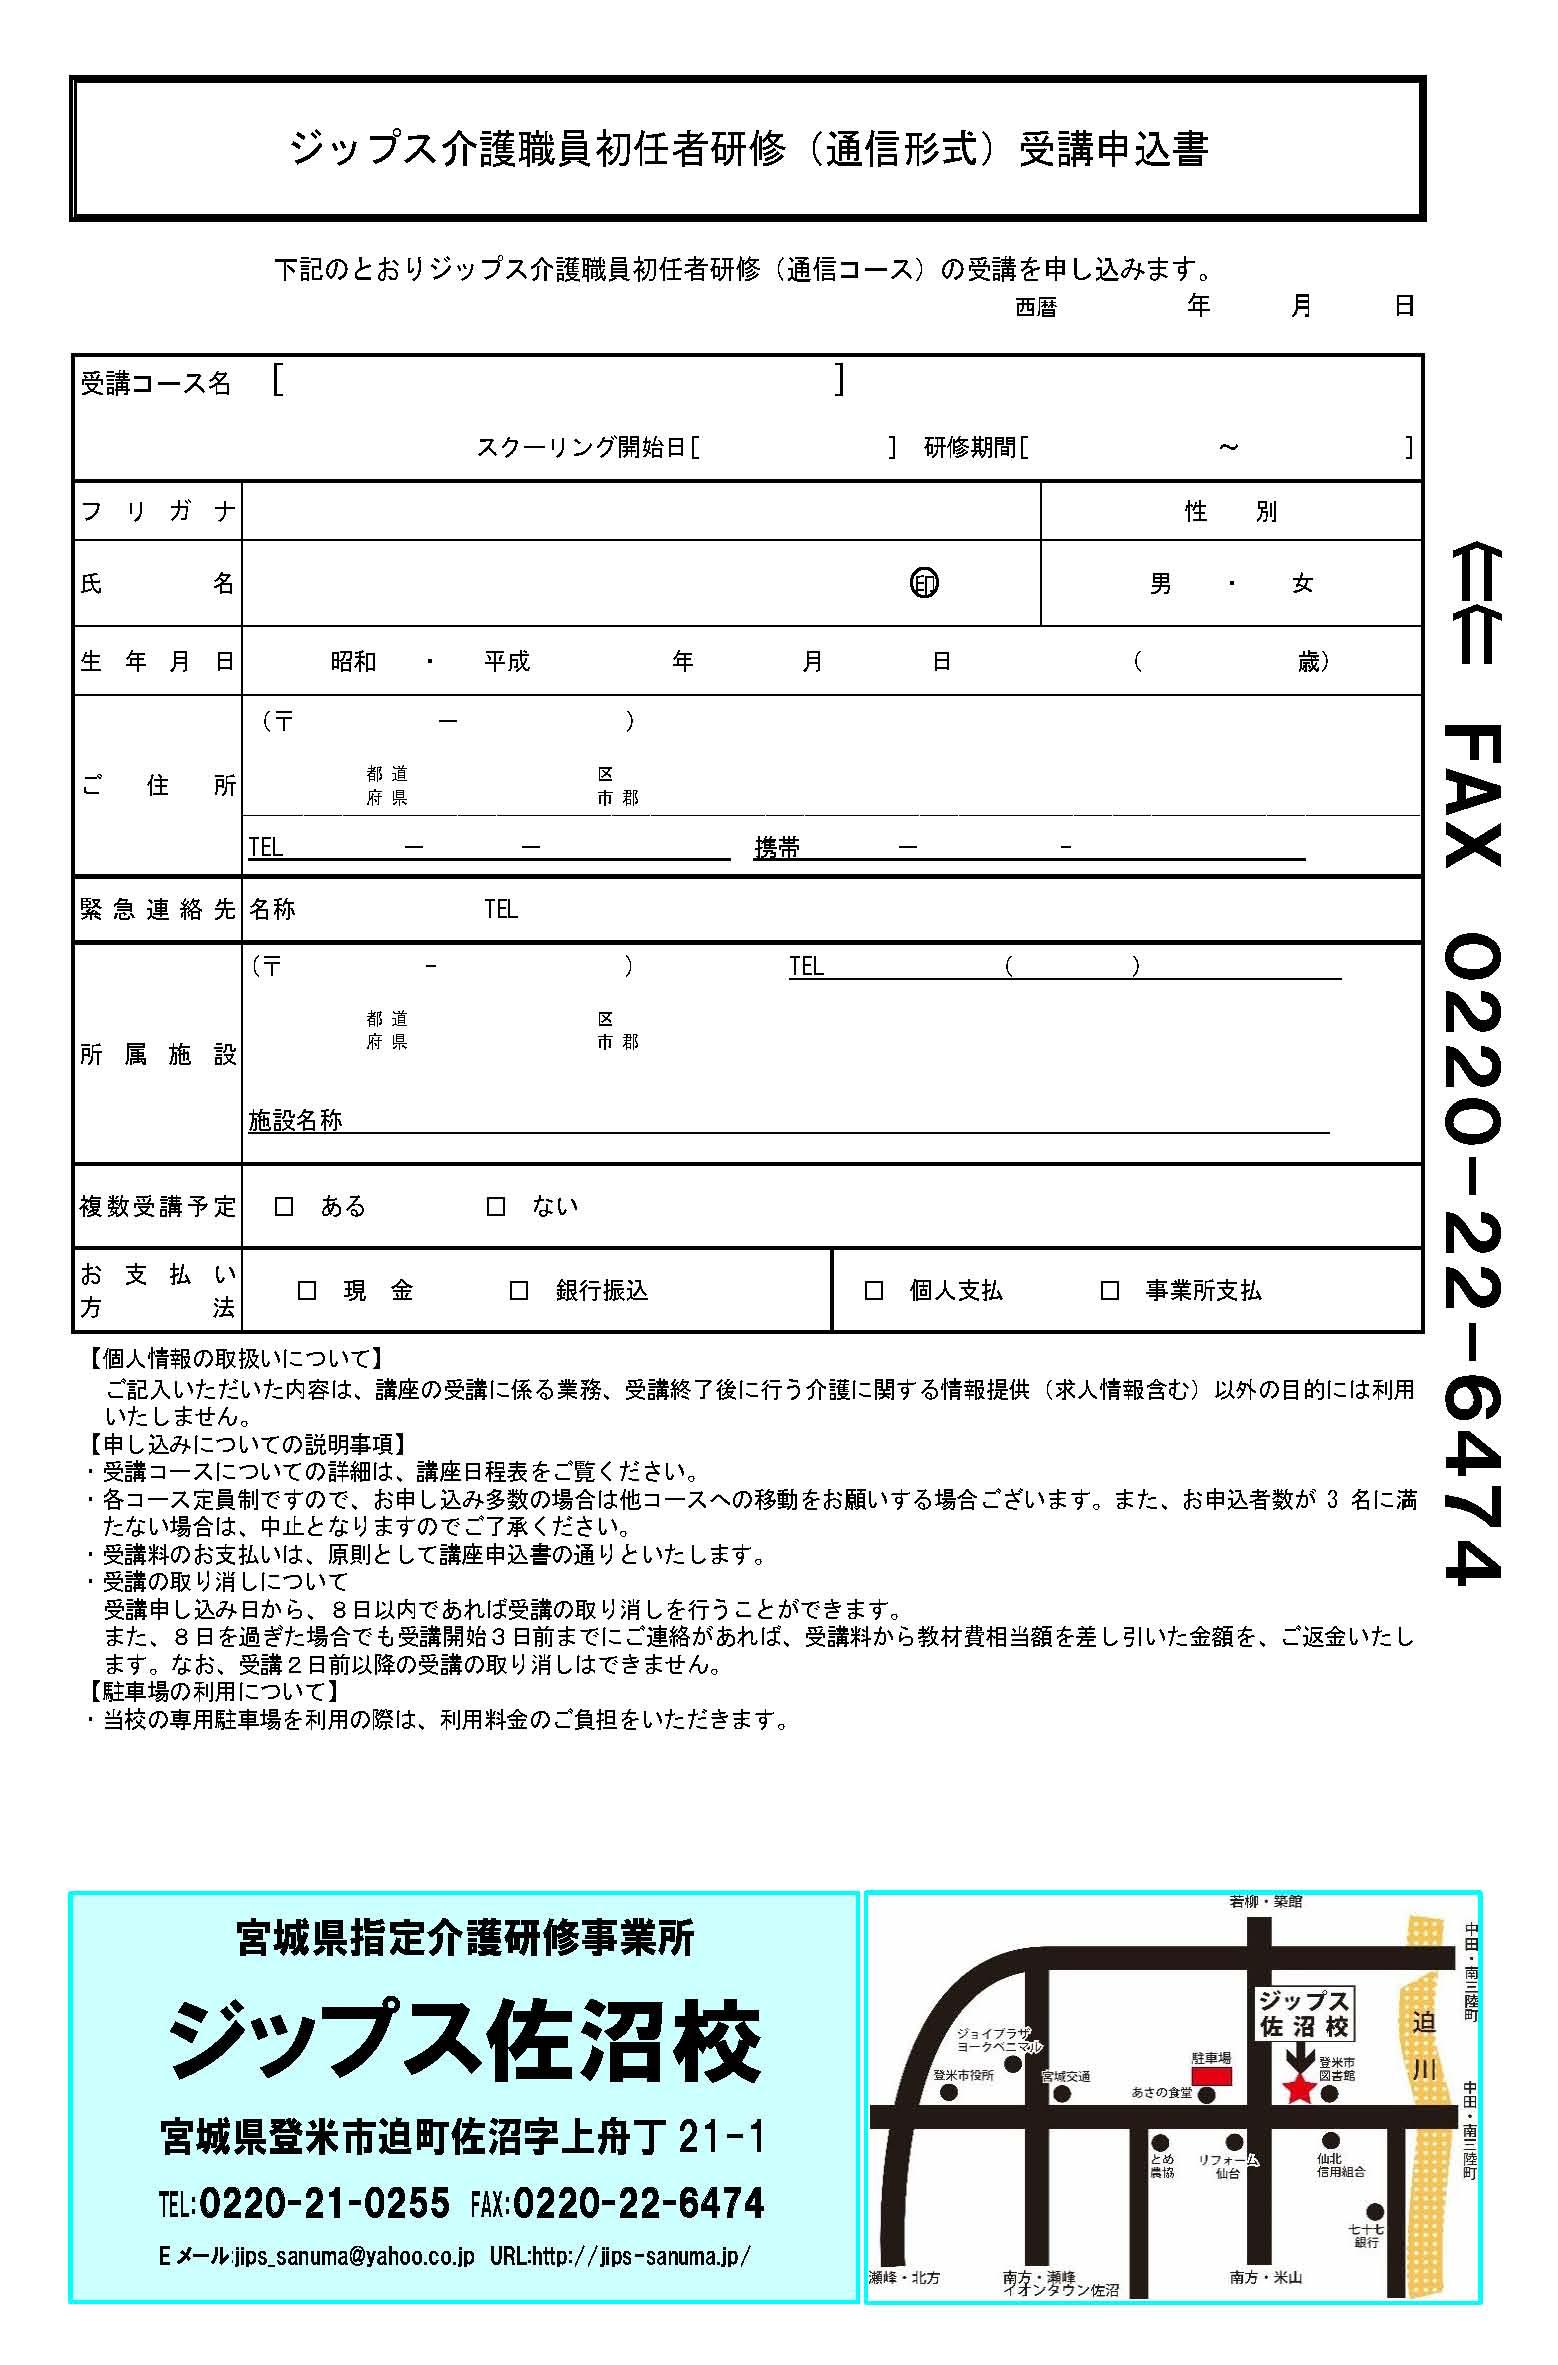 初任者研修募集チラシ30年4月施設用_ページ_2